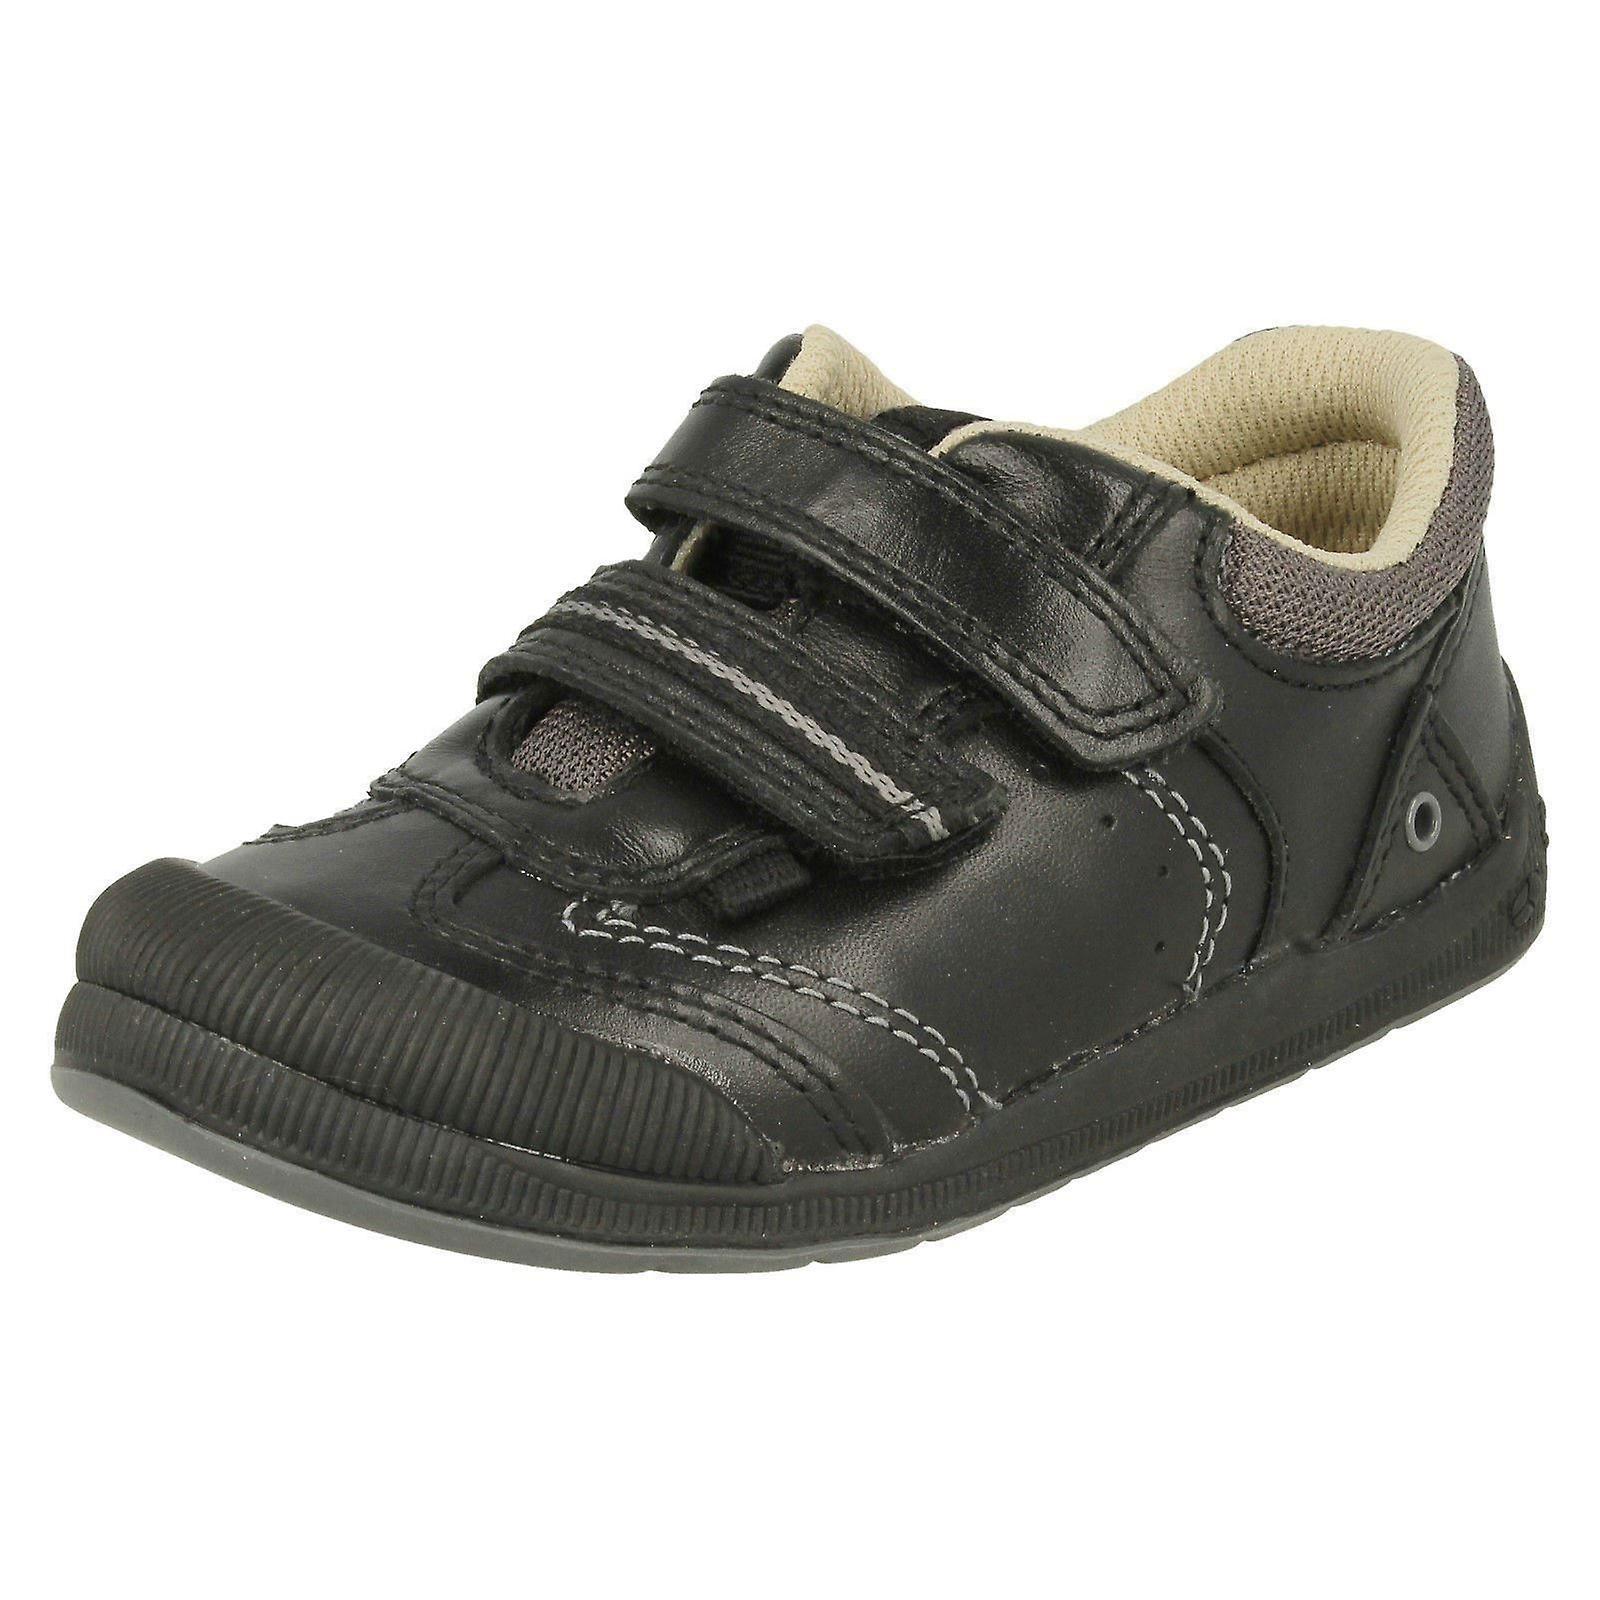 Garçons Startrite Tough Bug Fst Casual chaussures